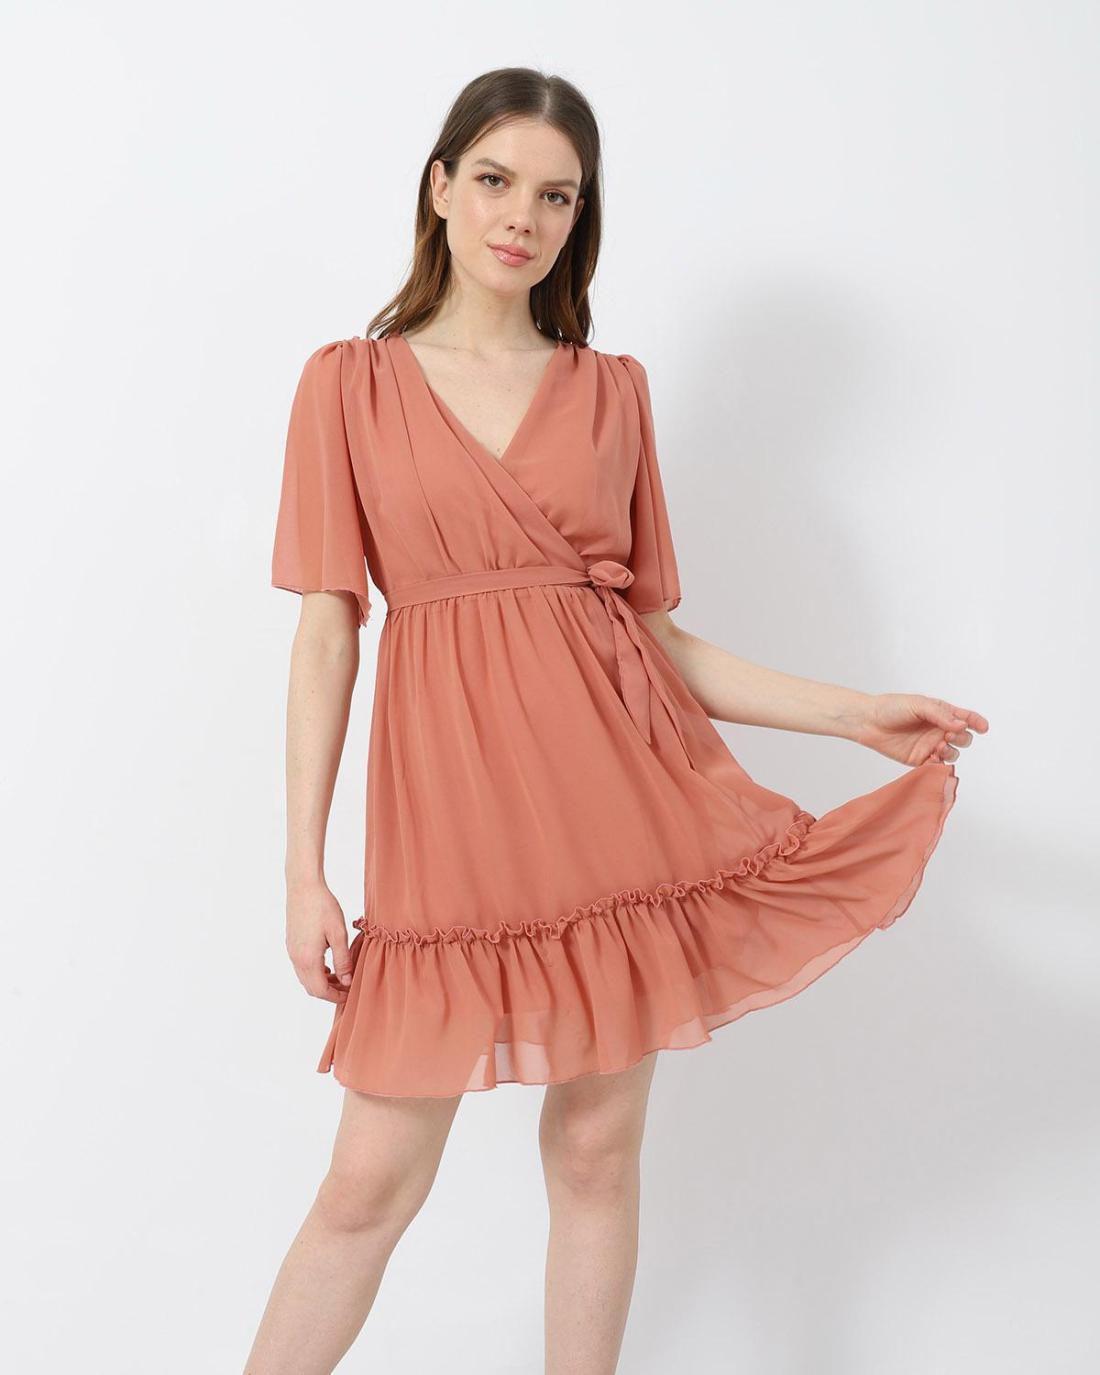 Μίνι φόρεμα κοραλί